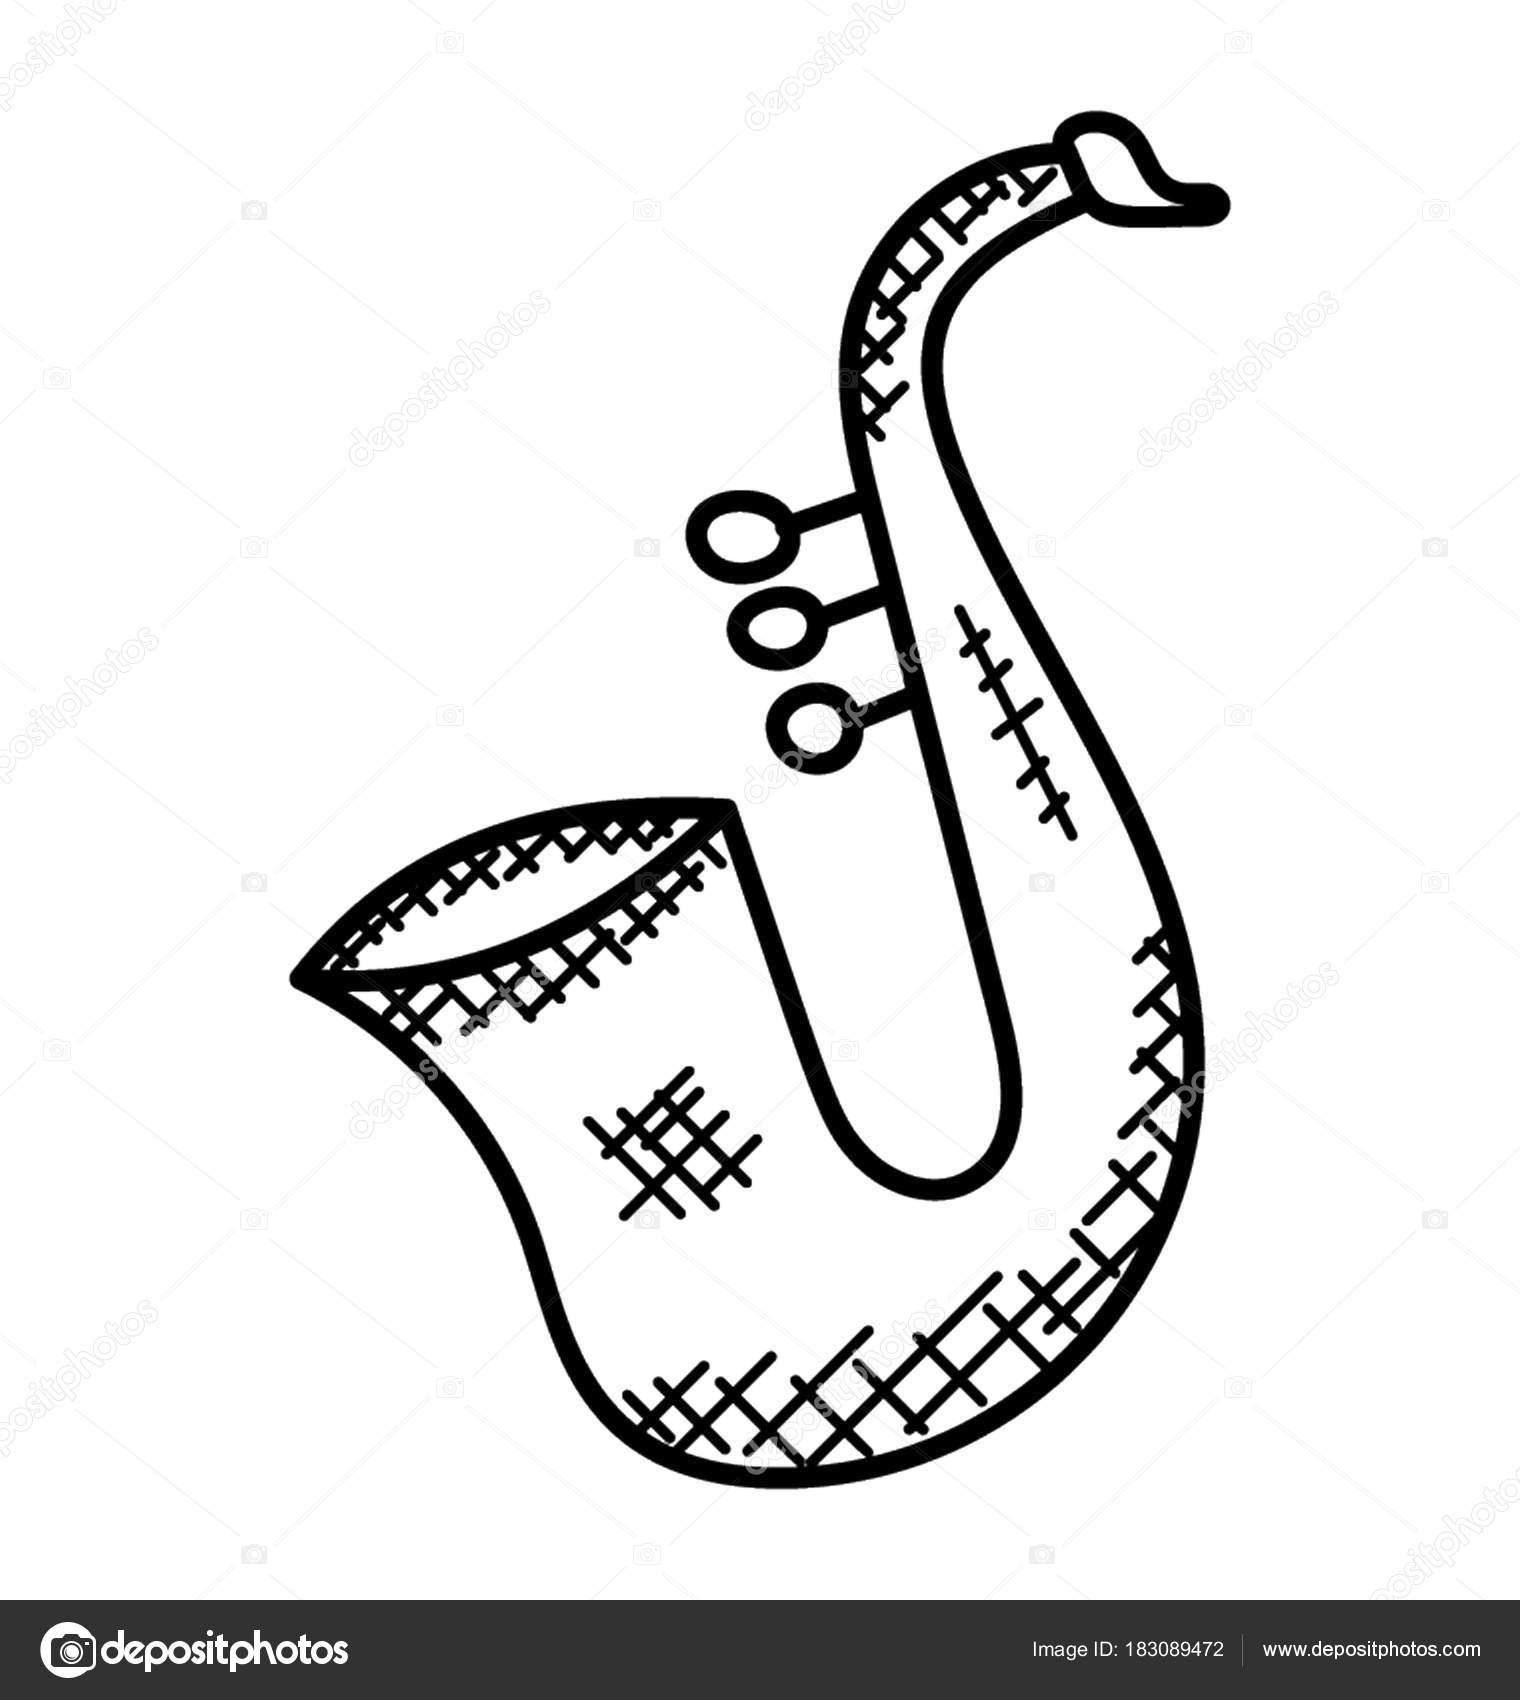 Dessin Simple Main Instrument Musique Connu Comme encequiconcerne Dessin D Instrument De Musique